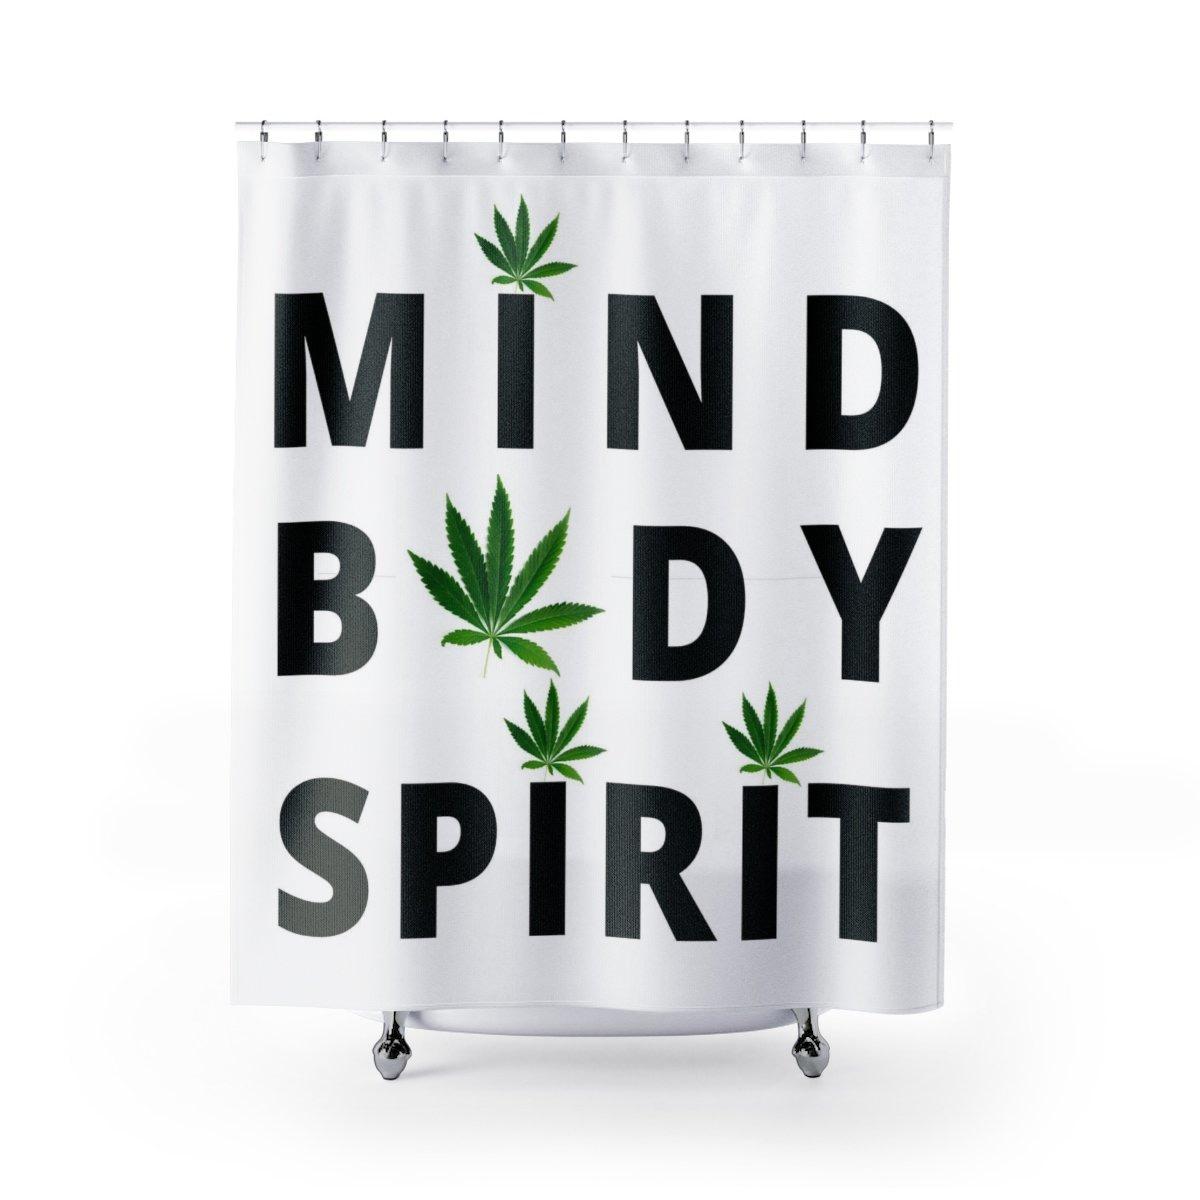 Mind Body Spirit Cannabis Shower Curtain